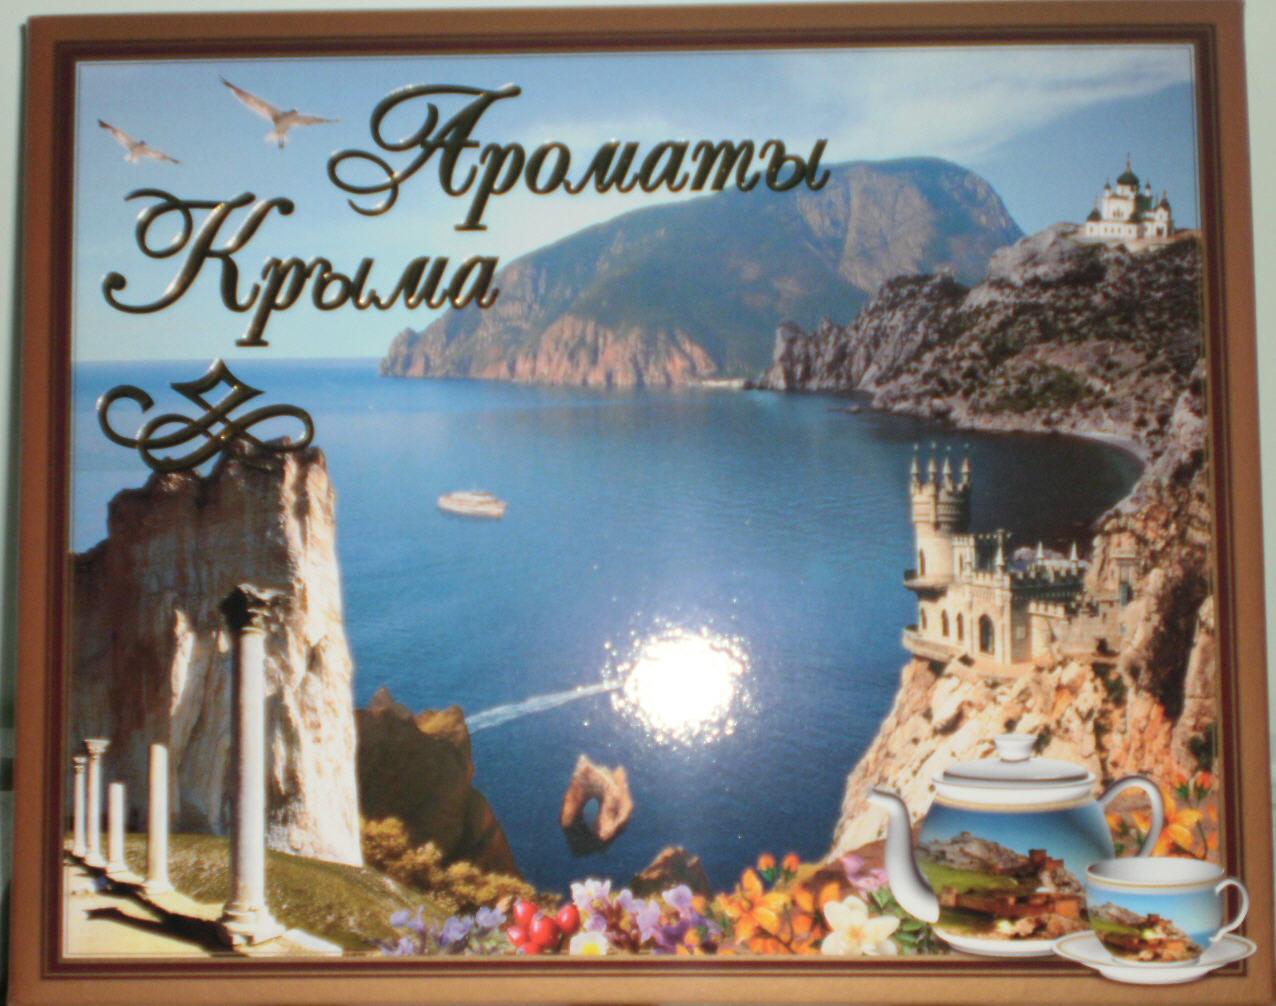 suvenirnyj_chajnyj_nabor_kupit_ukraina